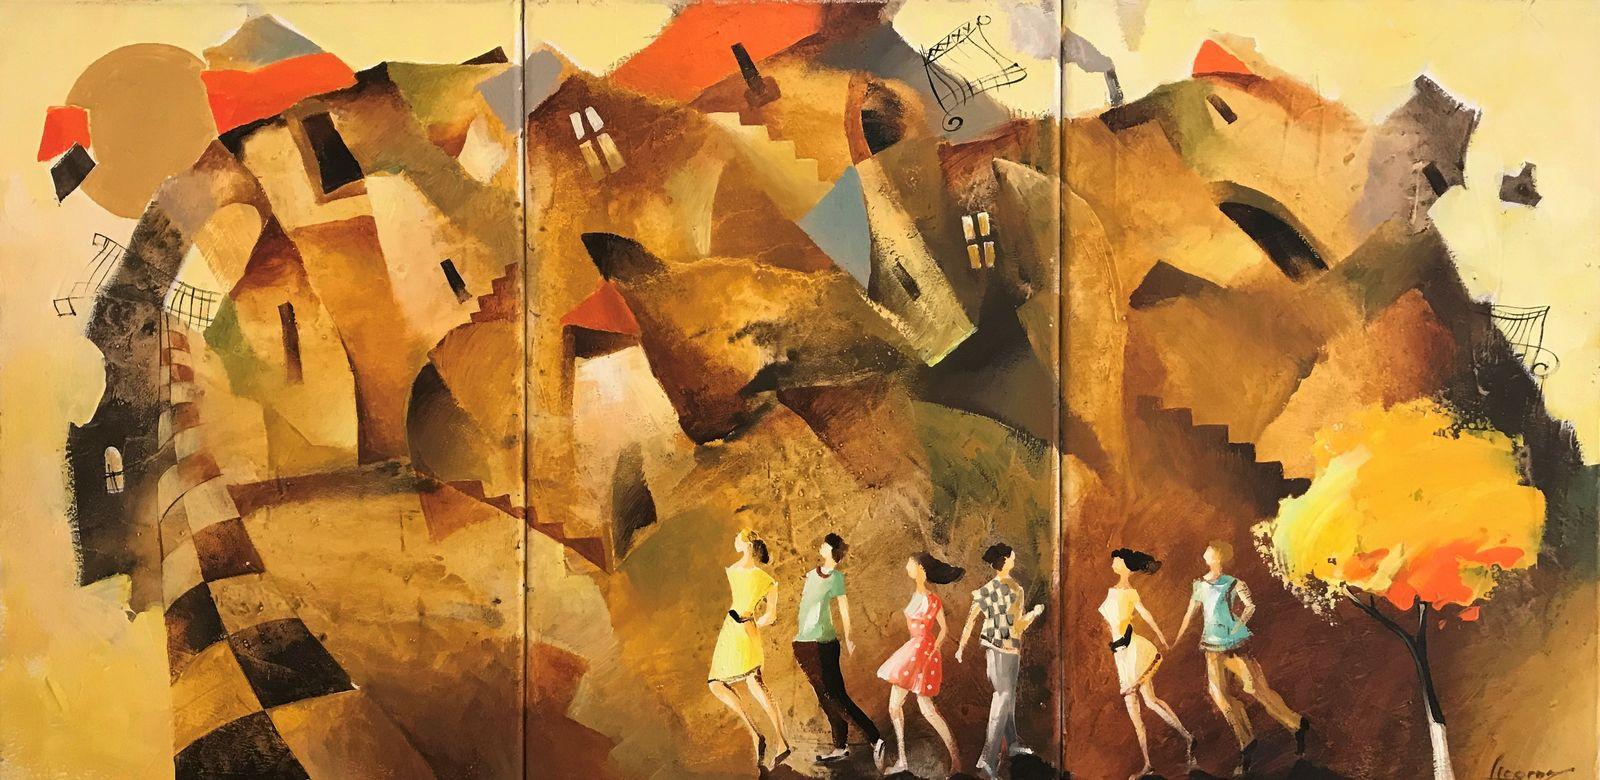 Γεώργου 60×120 Τρίπτυχο Ακρυλικά σε καμβά Georgou 60×120 Triptych Acrylics on canvas (1)